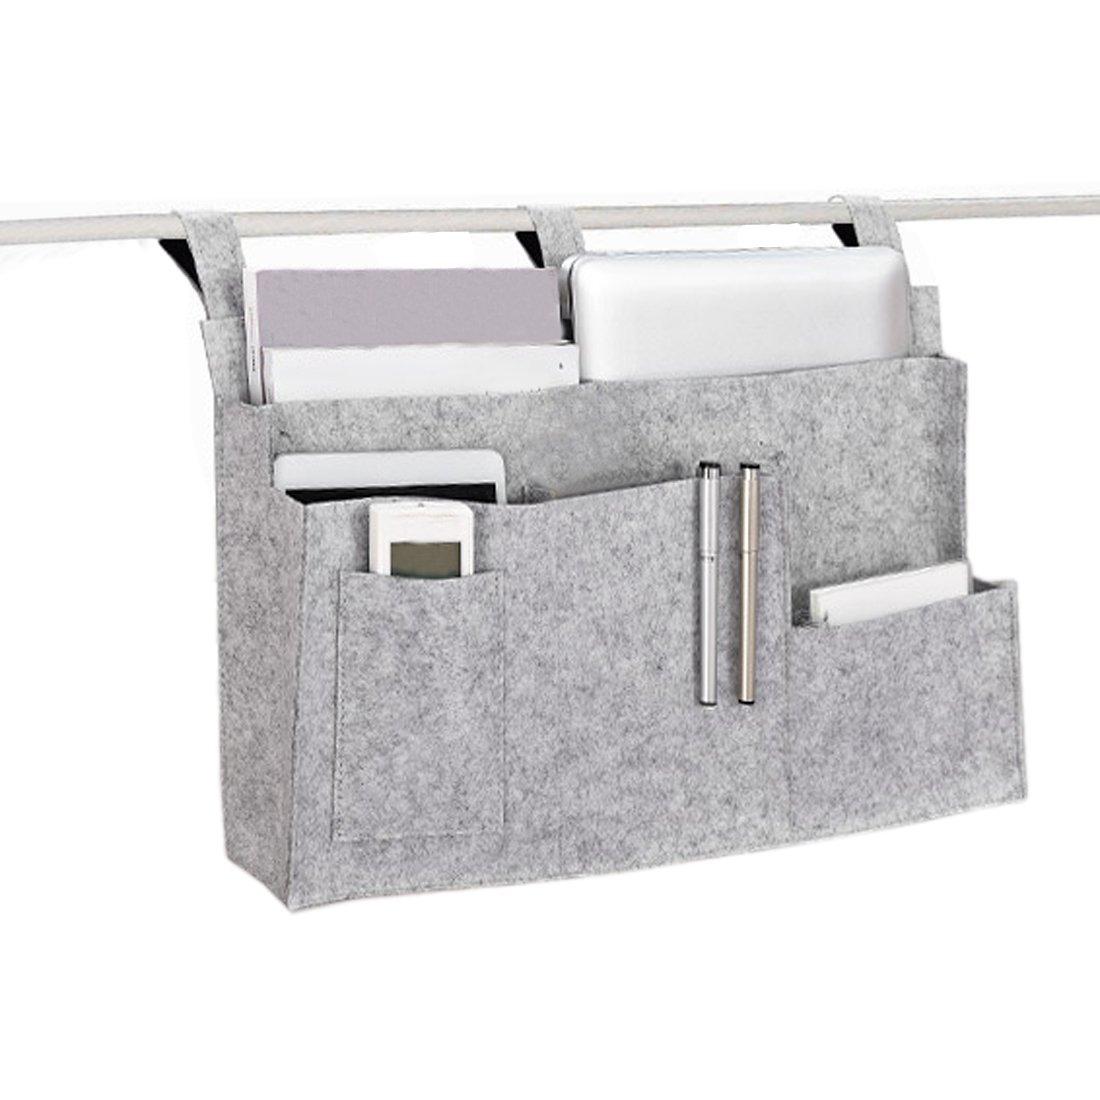 LJNGG Felt Bedside Organizer Bed Hanging Storage Bag with 6 Pockets Dorm Rooms (Gray)